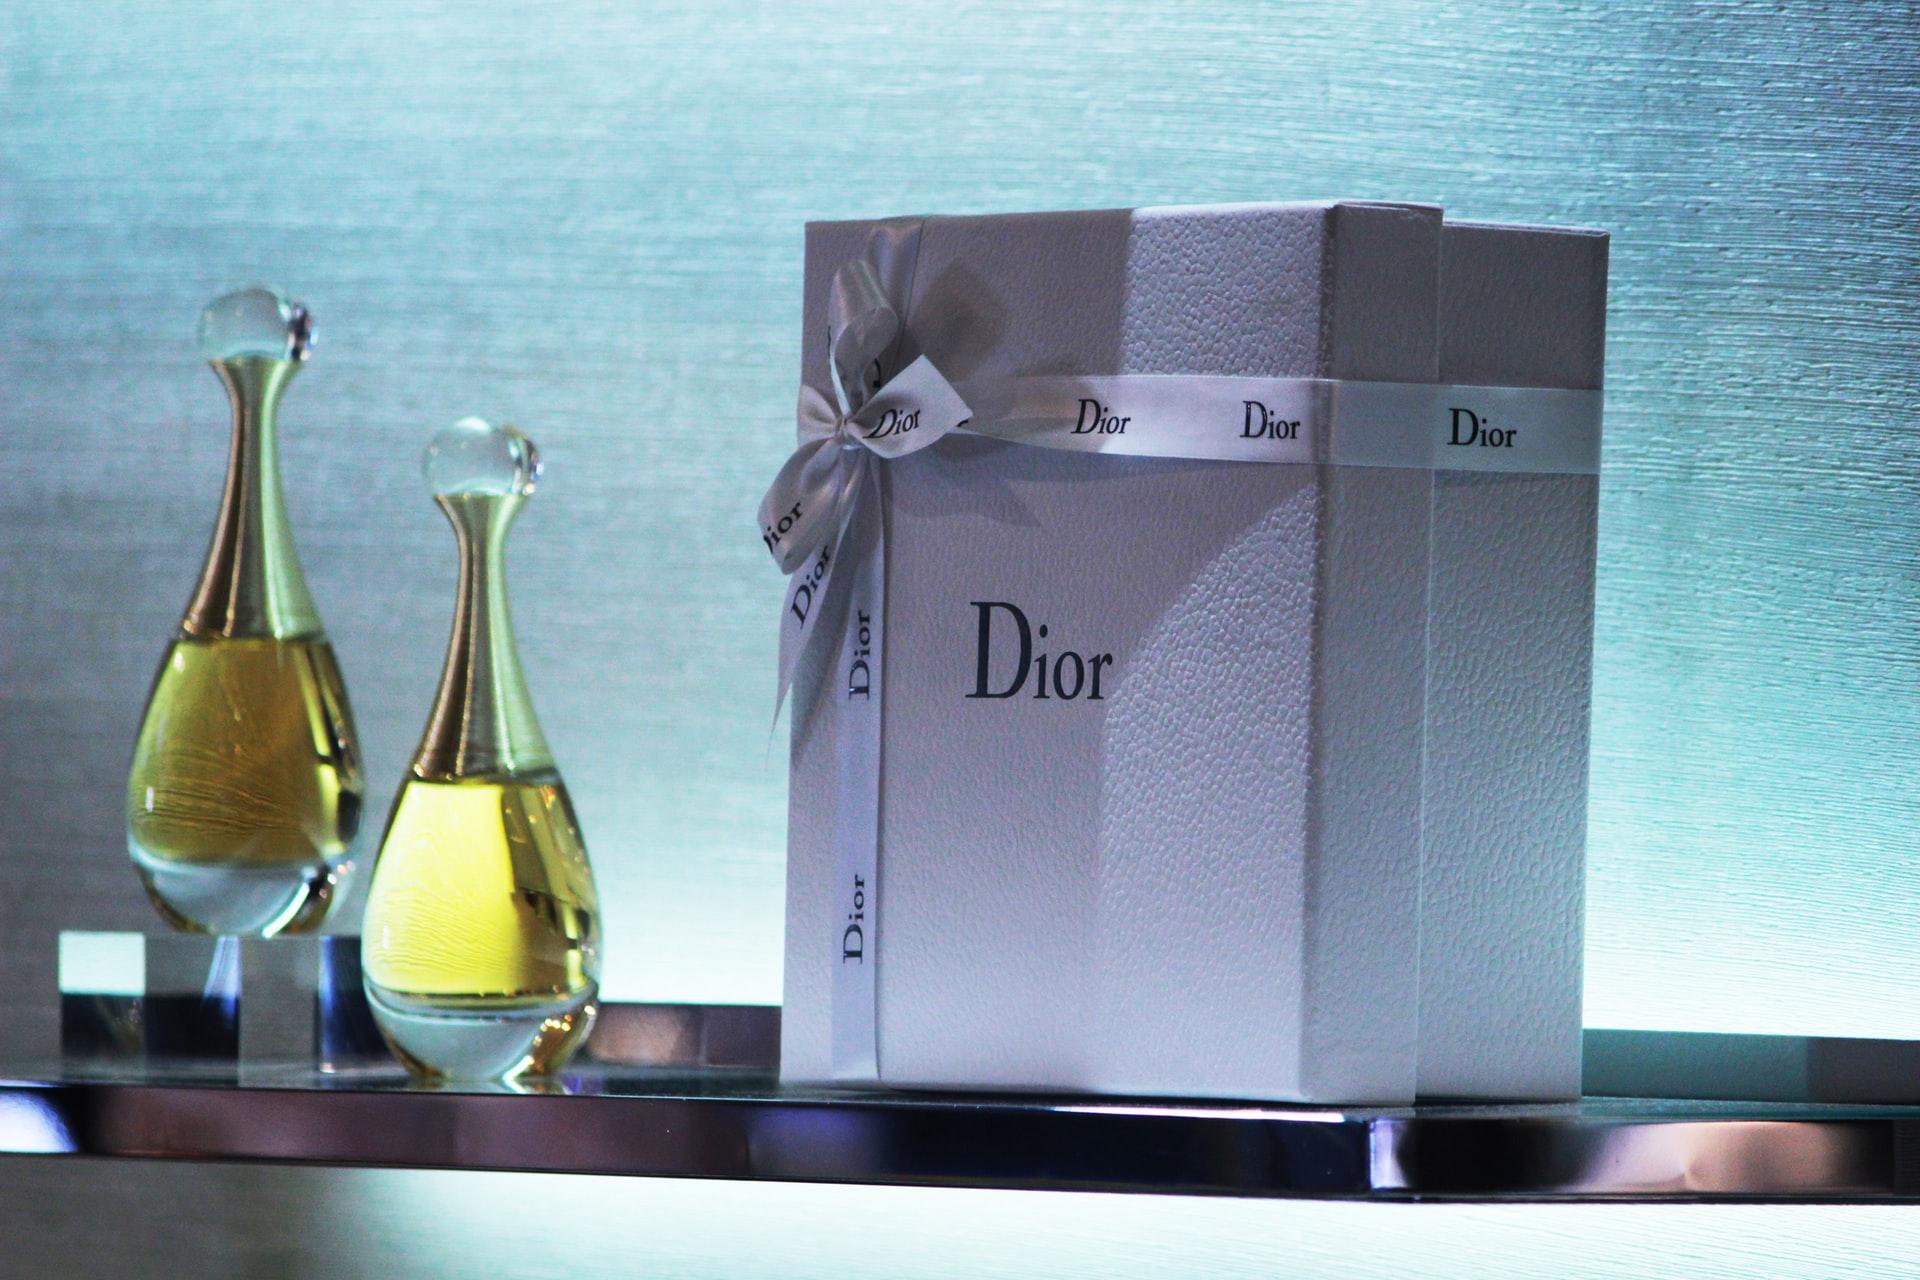 Dior shopping display